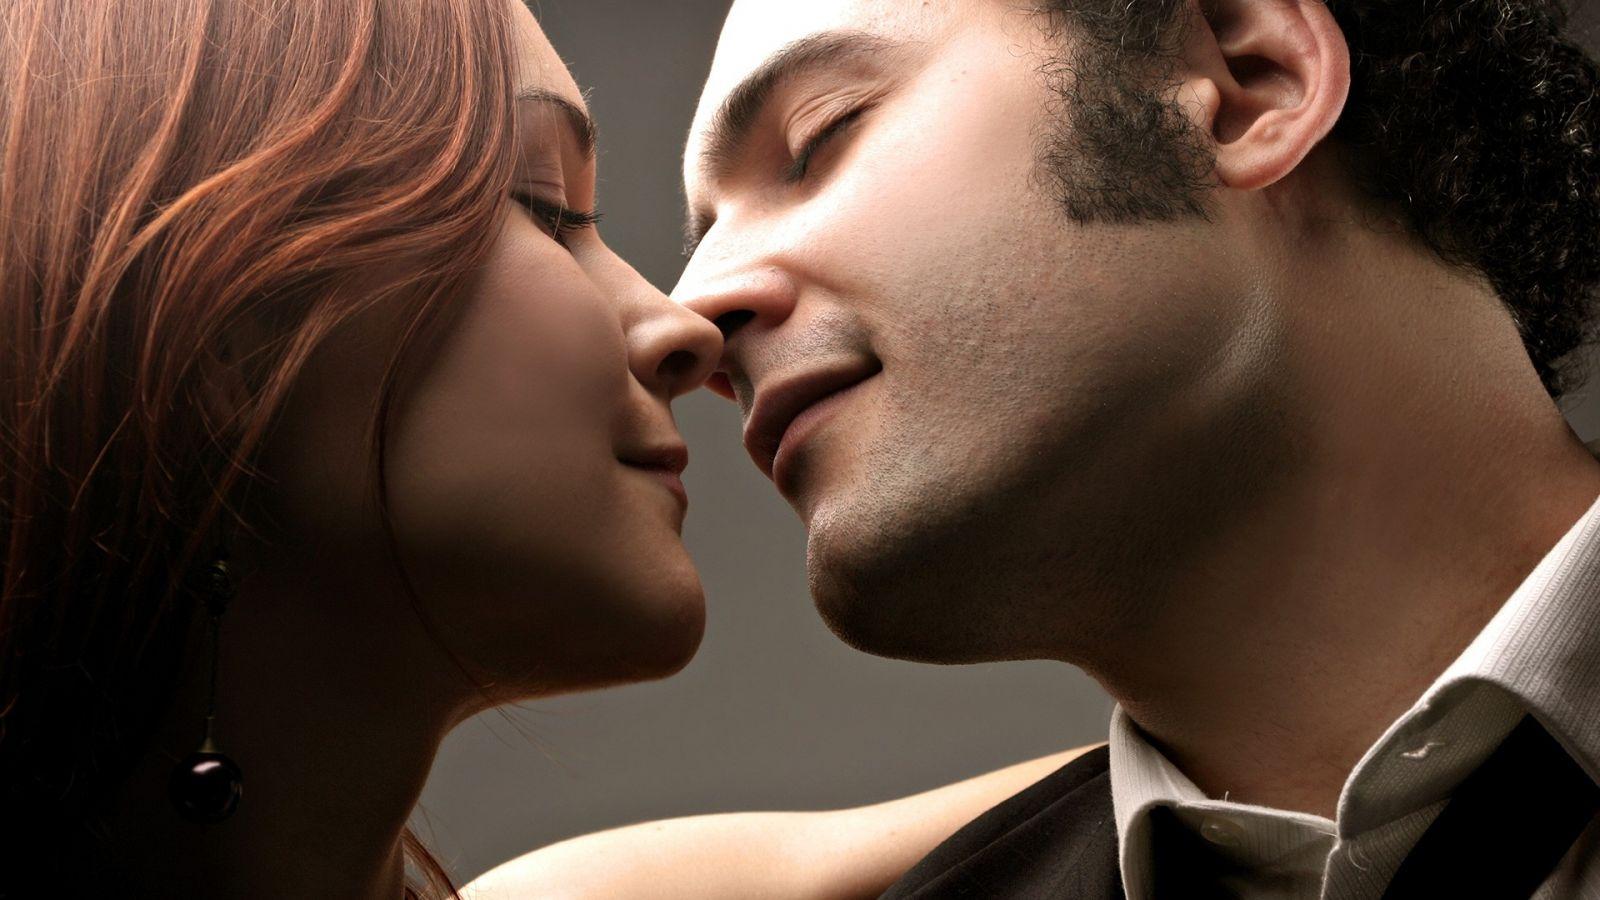 Куда целовать, чтобы возбудить: места для поцелуев - фото №1